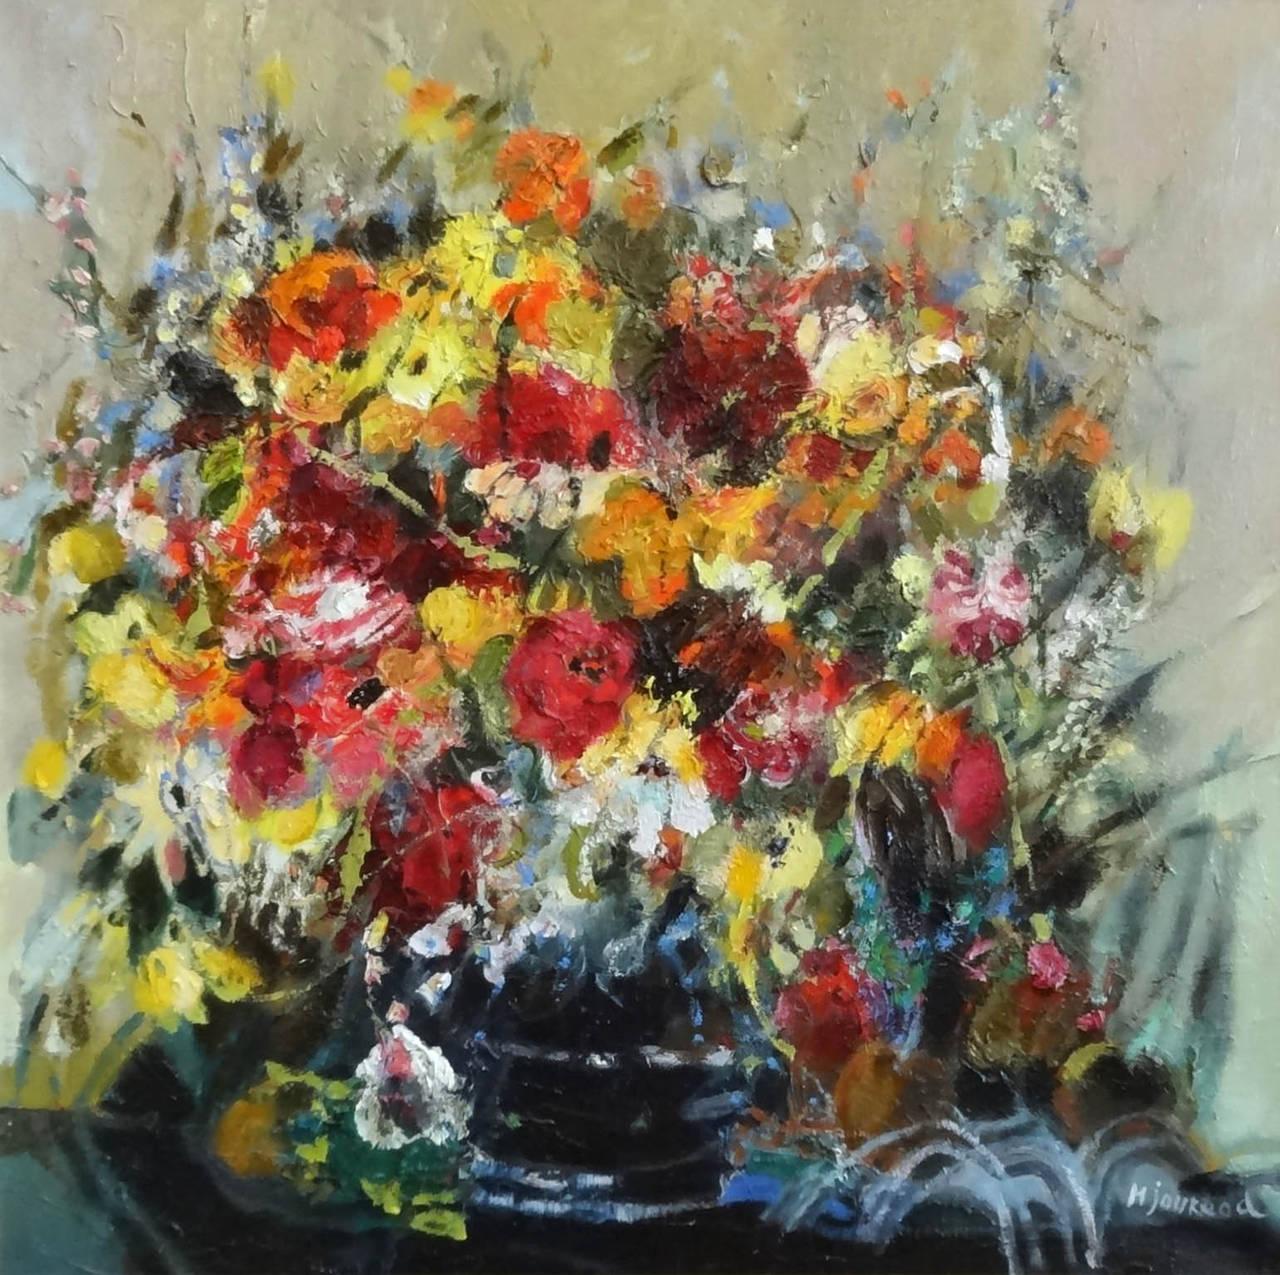 monique journod bouquet d 39 anniversaire painting for sale at 1stdibs. Black Bedroom Furniture Sets. Home Design Ideas